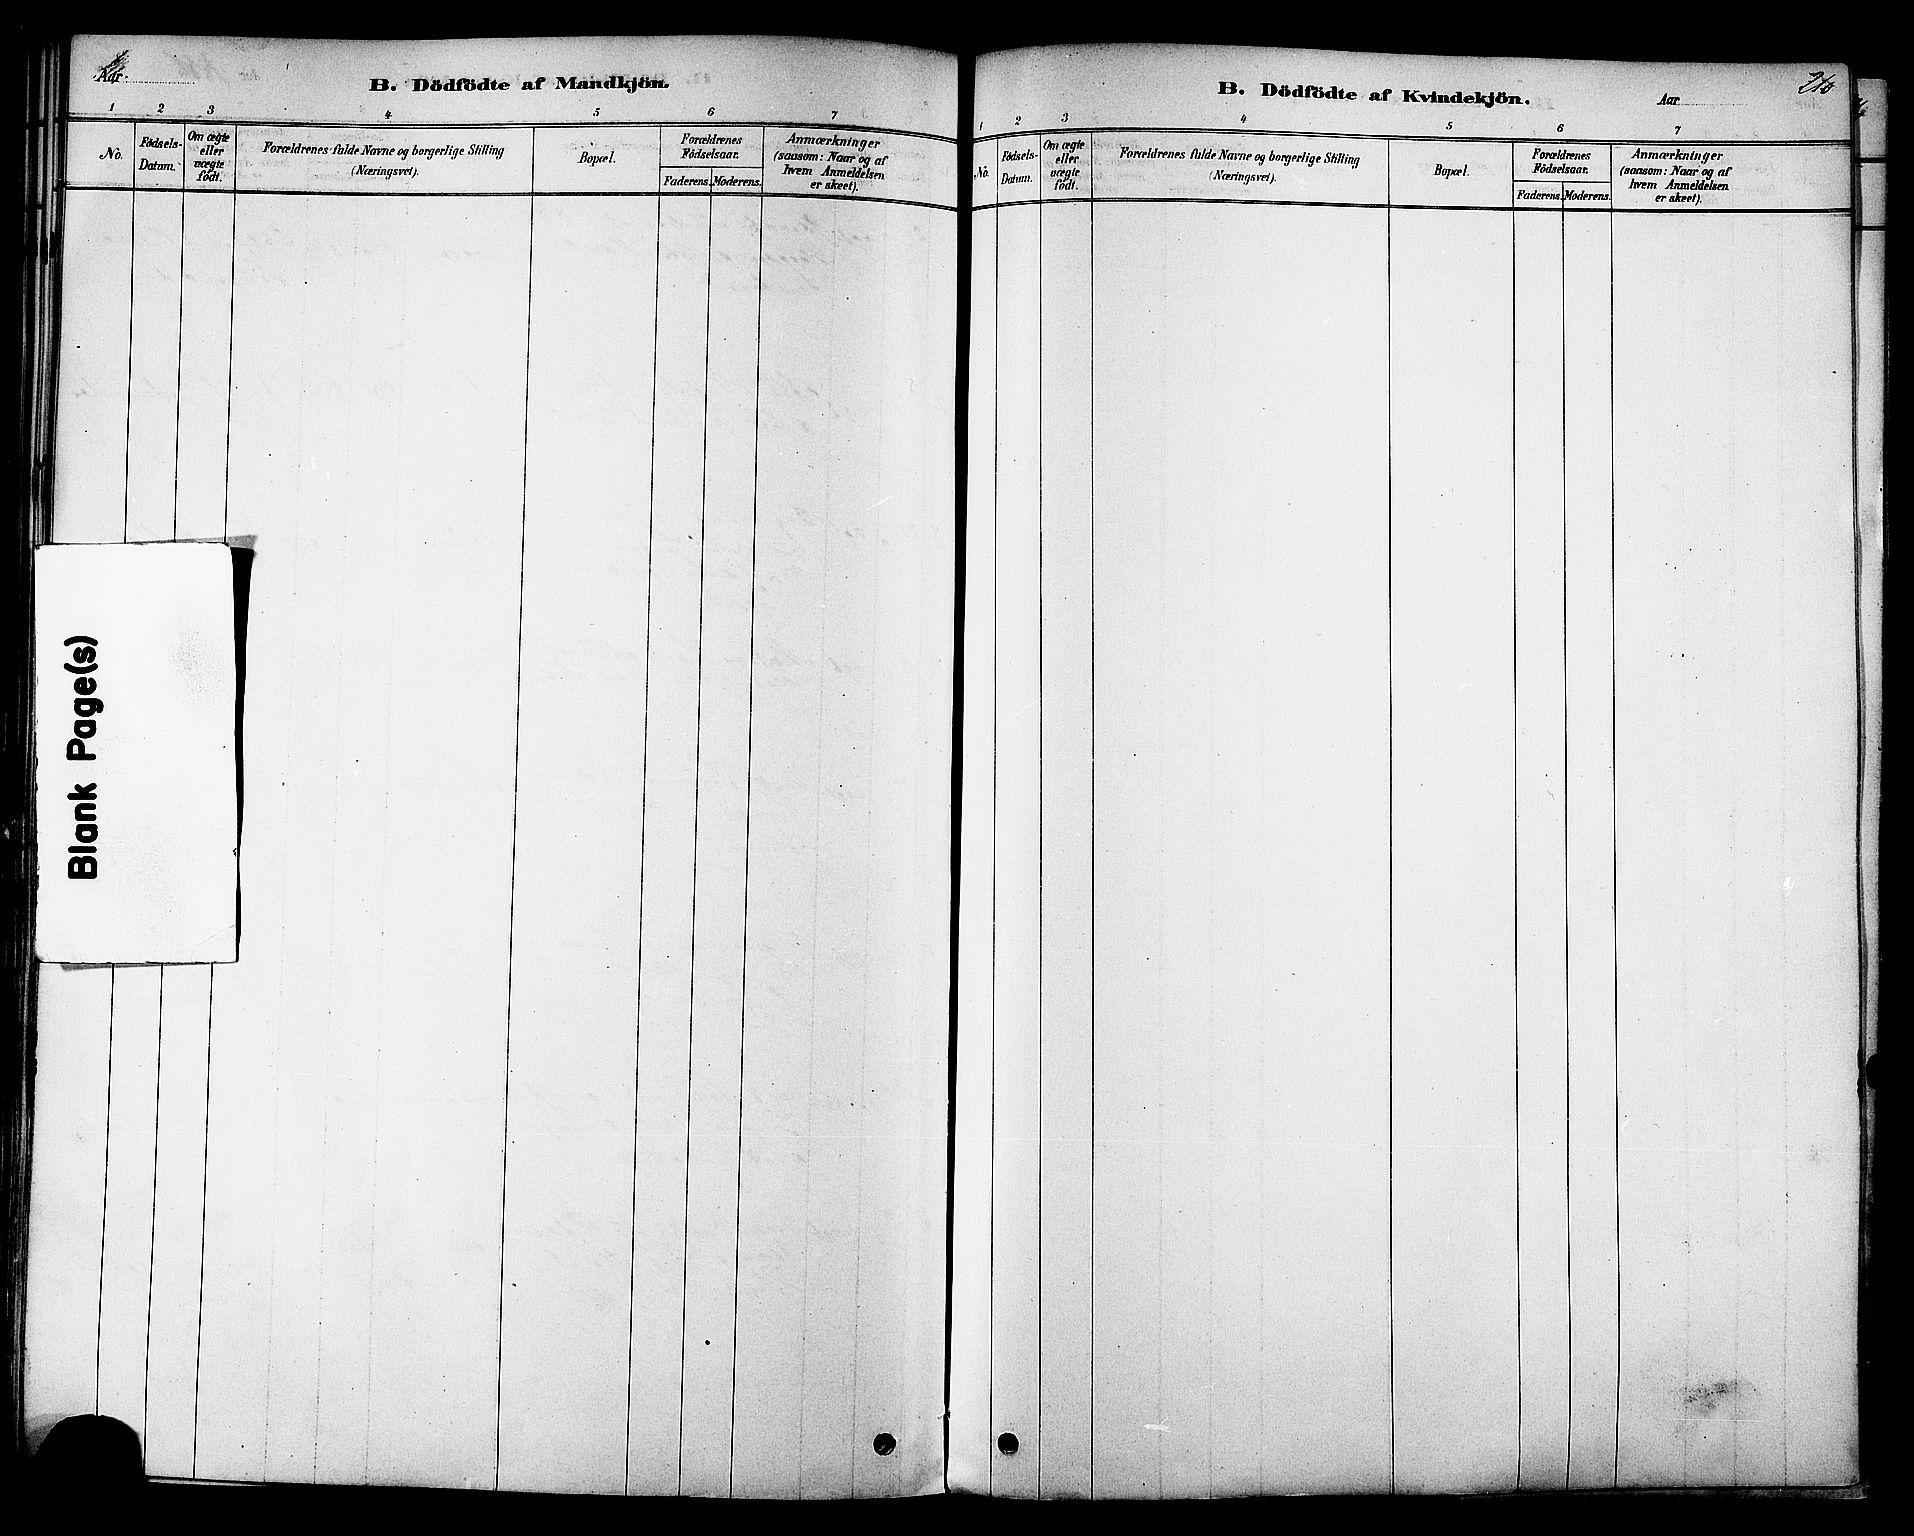 SAT, Ministerialprotokoller, klokkerbøker og fødselsregistre - Sør-Trøndelag, 606/L0294: Ministerialbok nr. 606A09, 1878-1886, s. 210